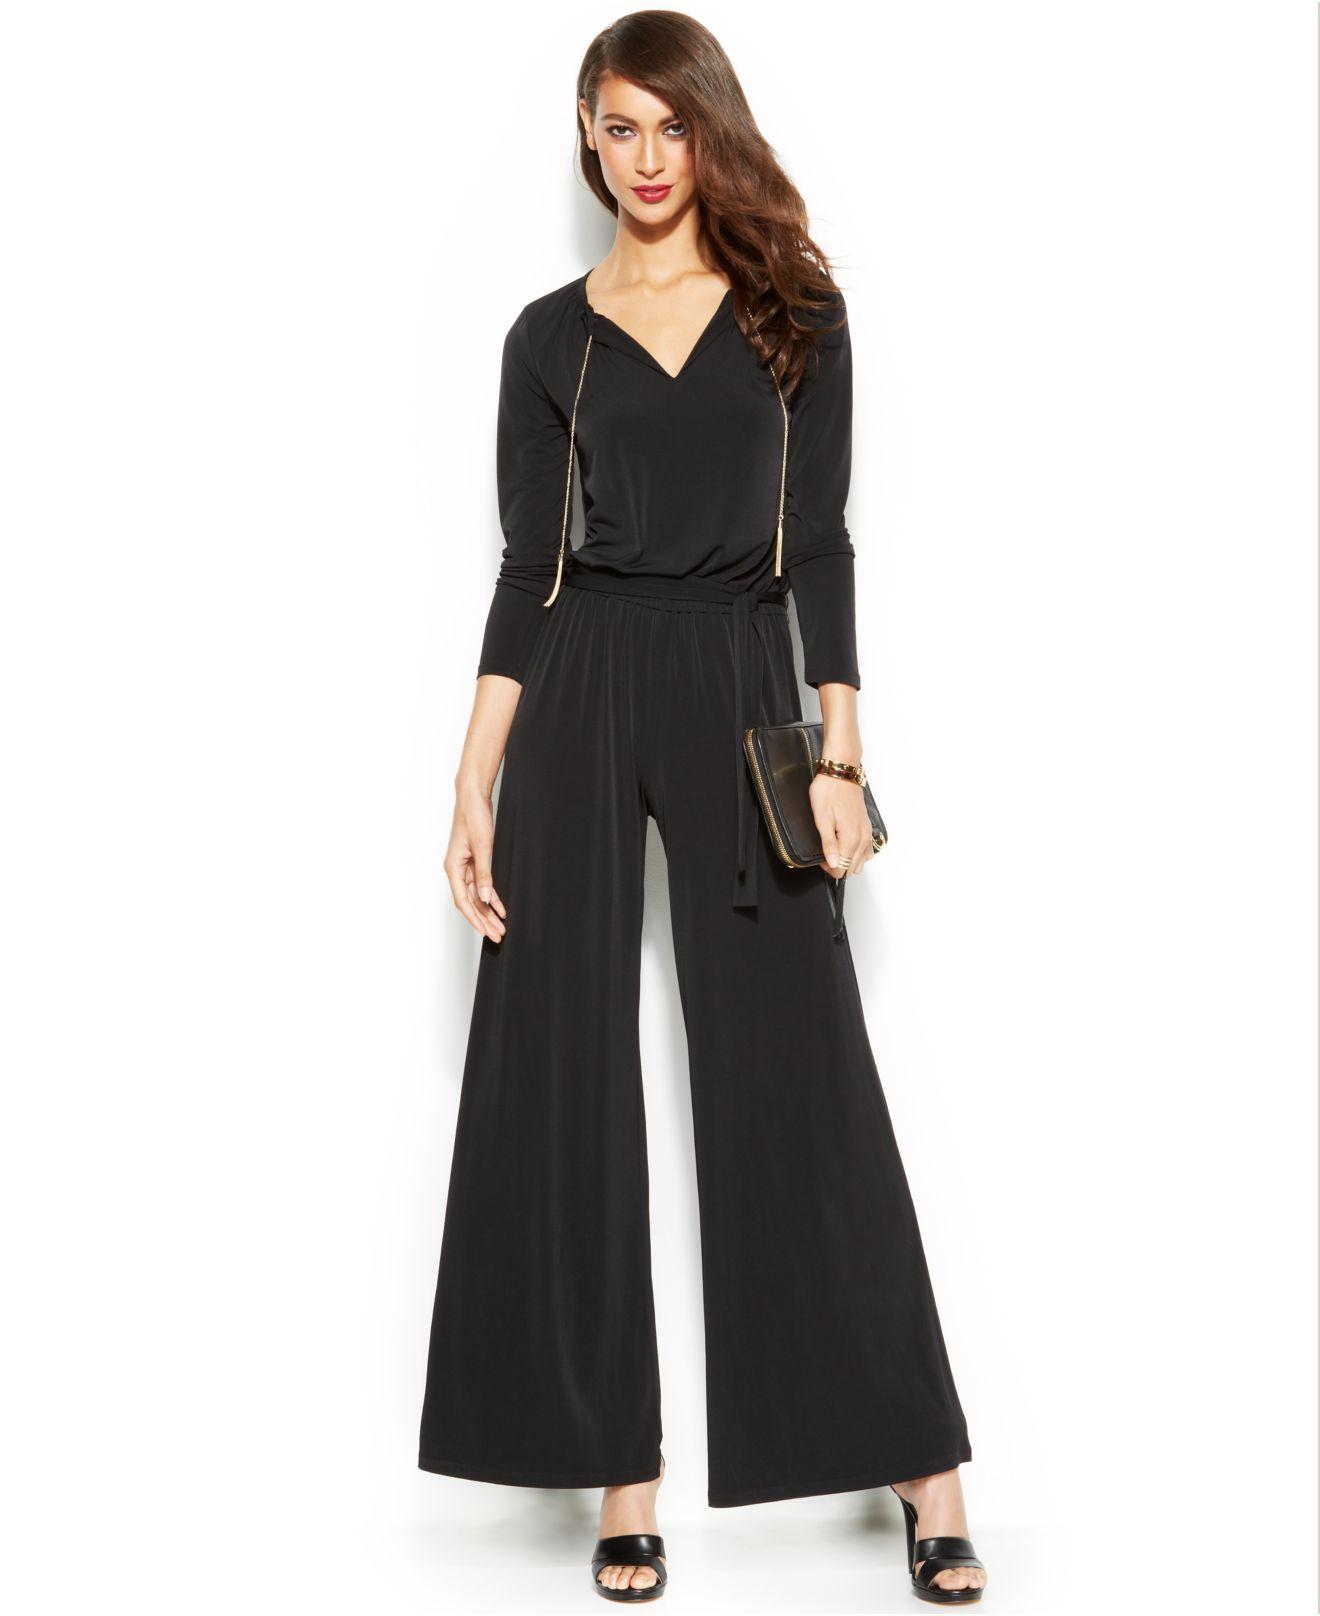 Macys Black Tie Dresses